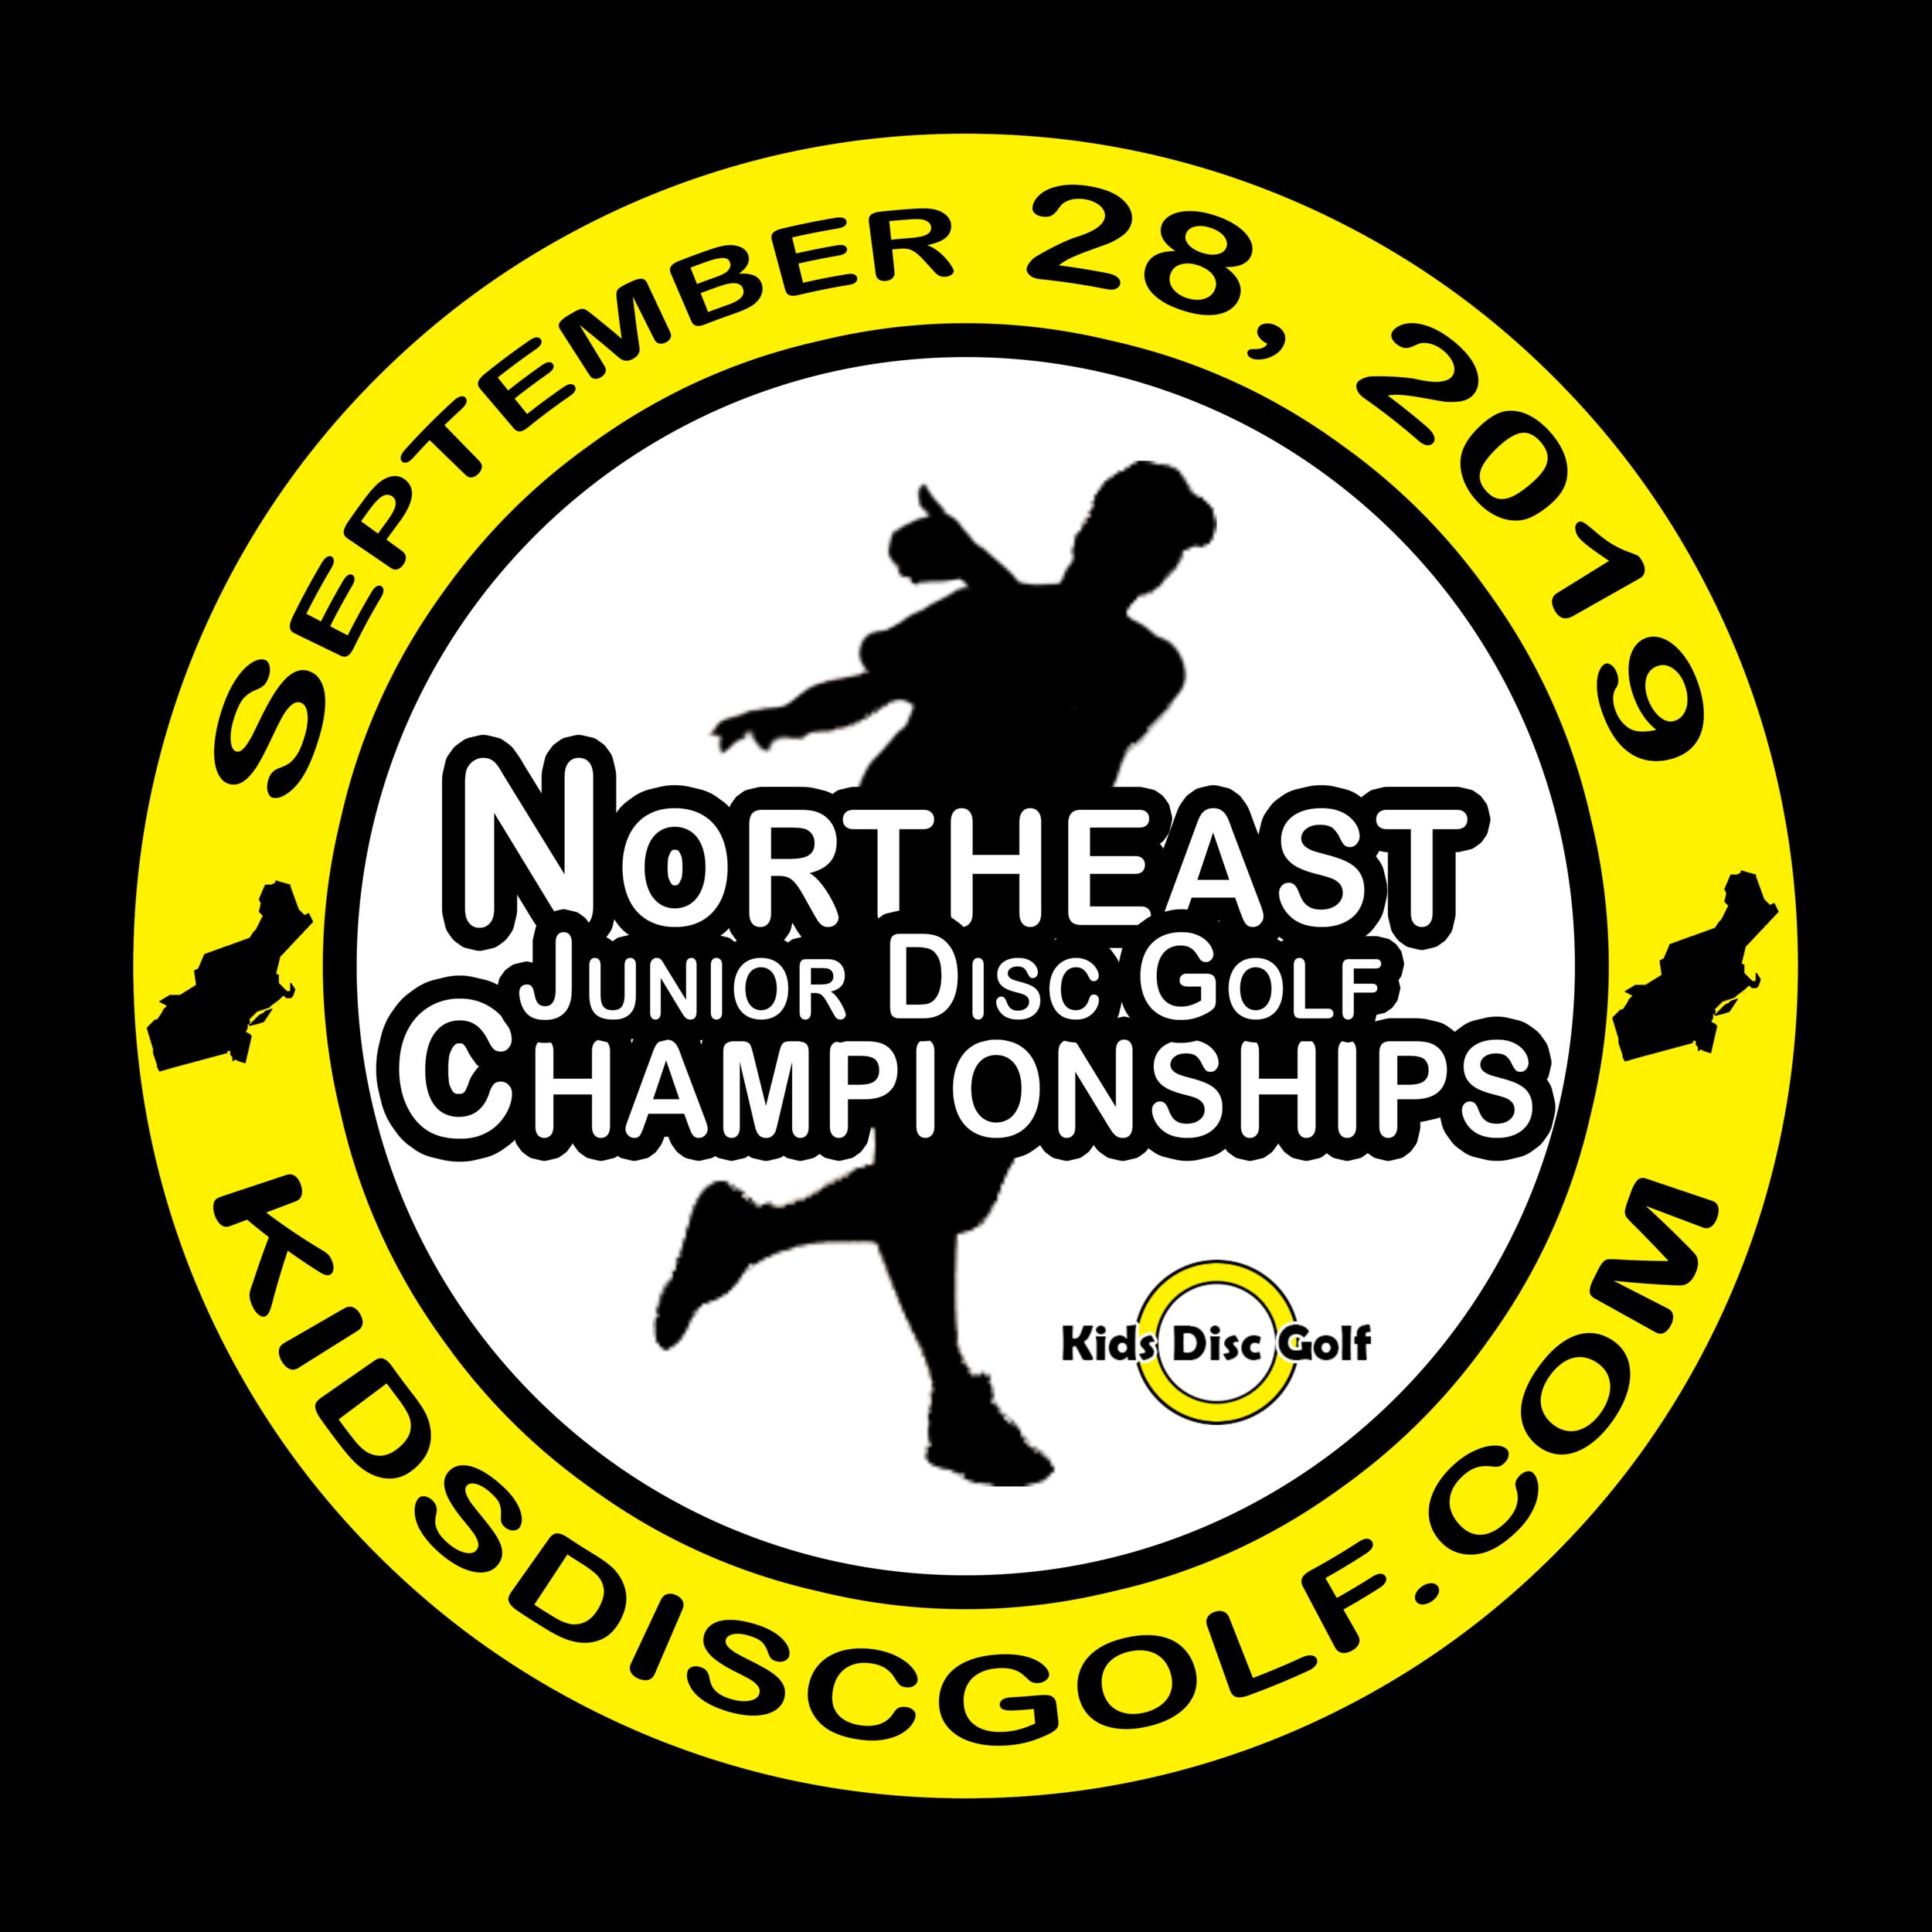 Northeast-jdg-championship-2019.png